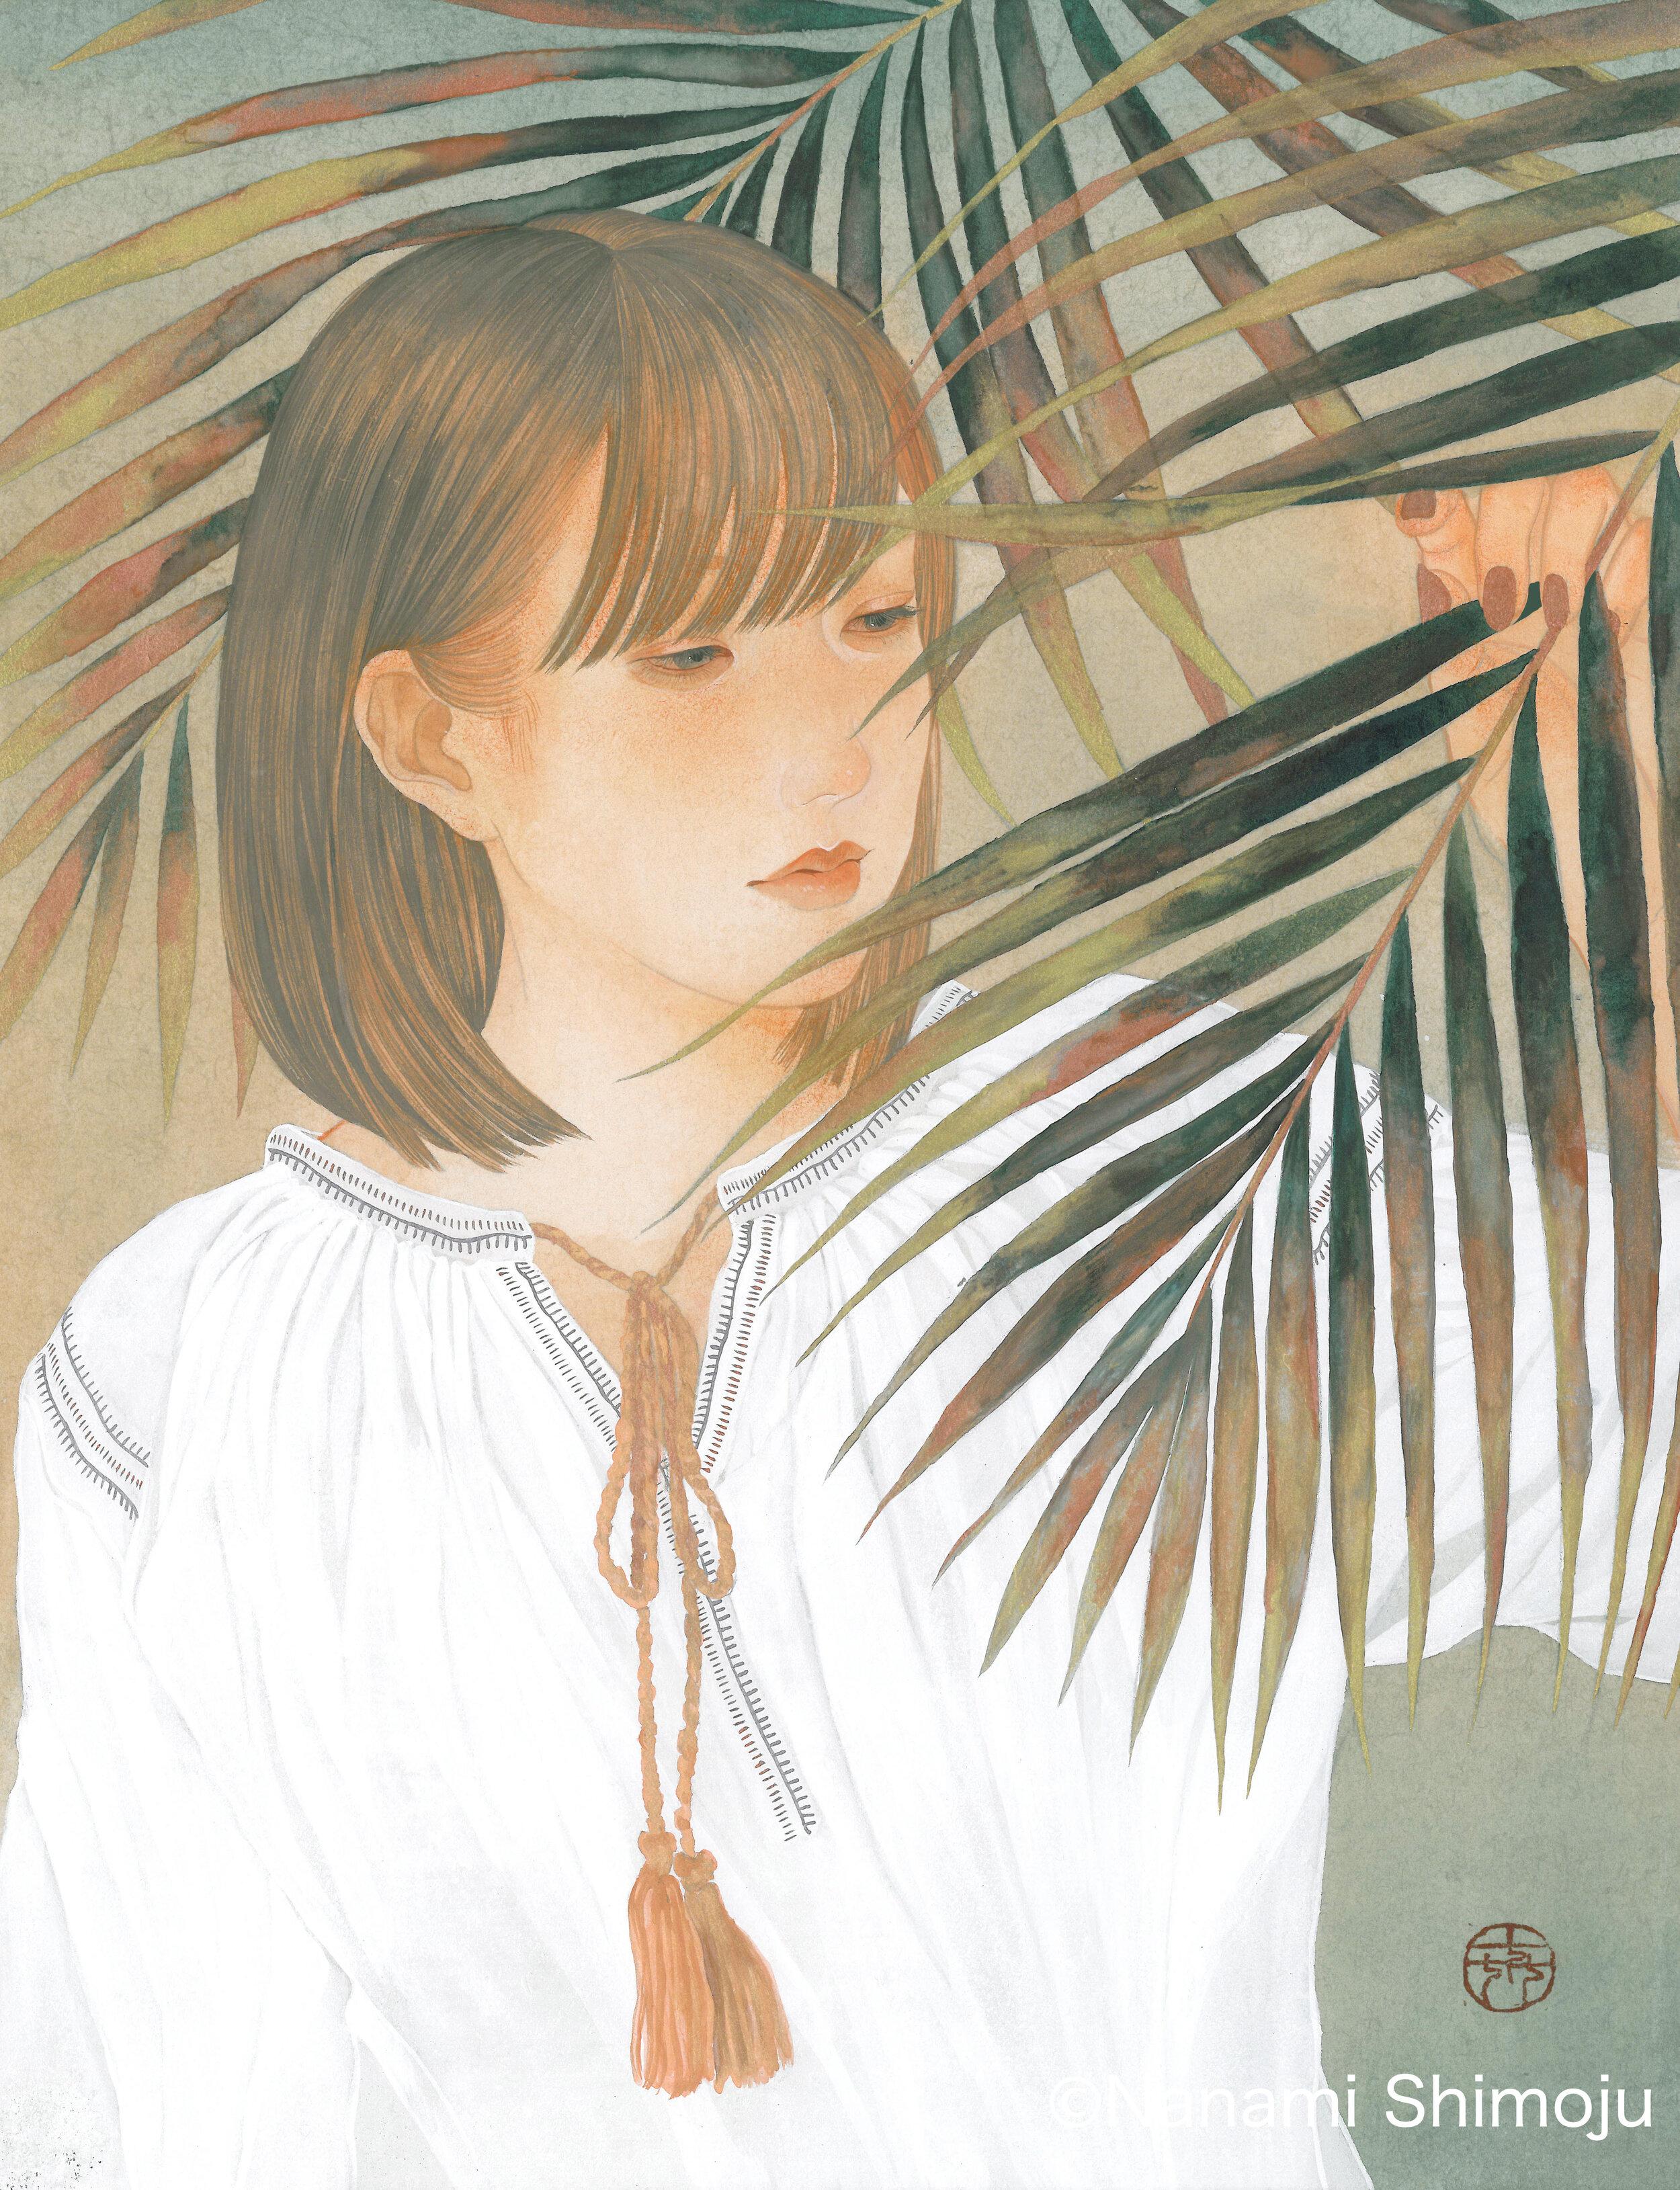 Nanami Shimoju_Fragrance door.jpg